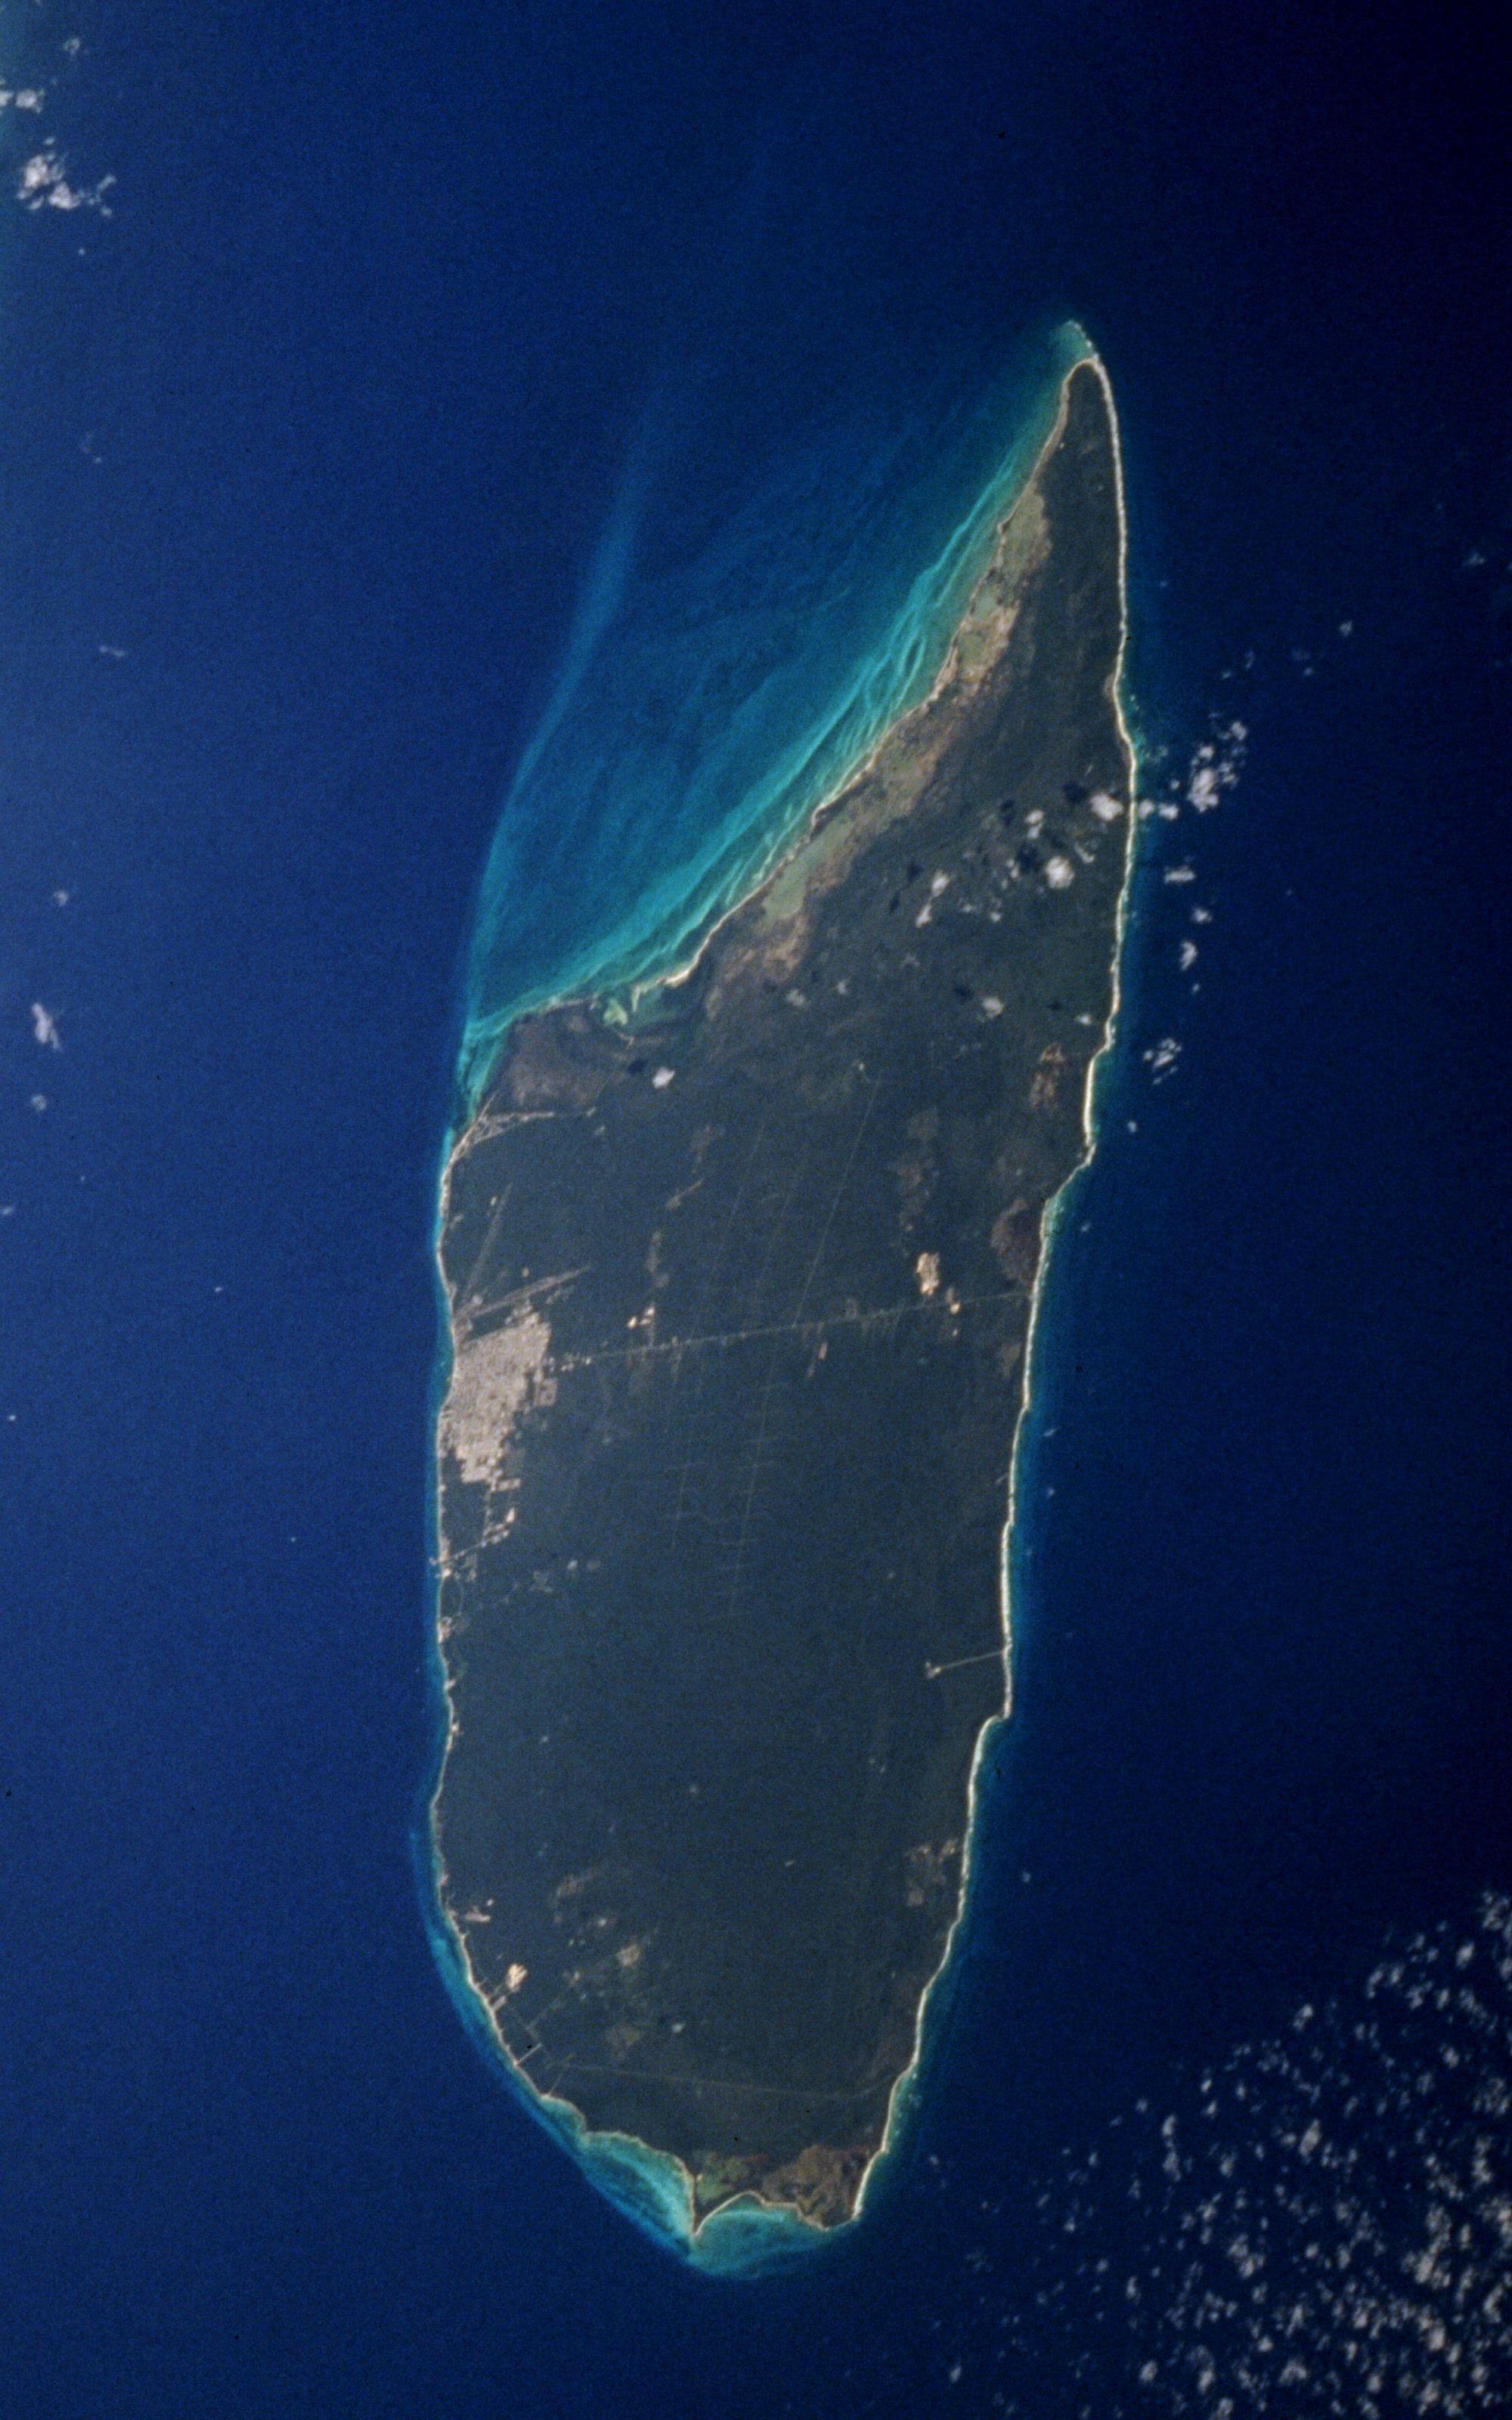 Cozumel Island, Mexico - May 1996